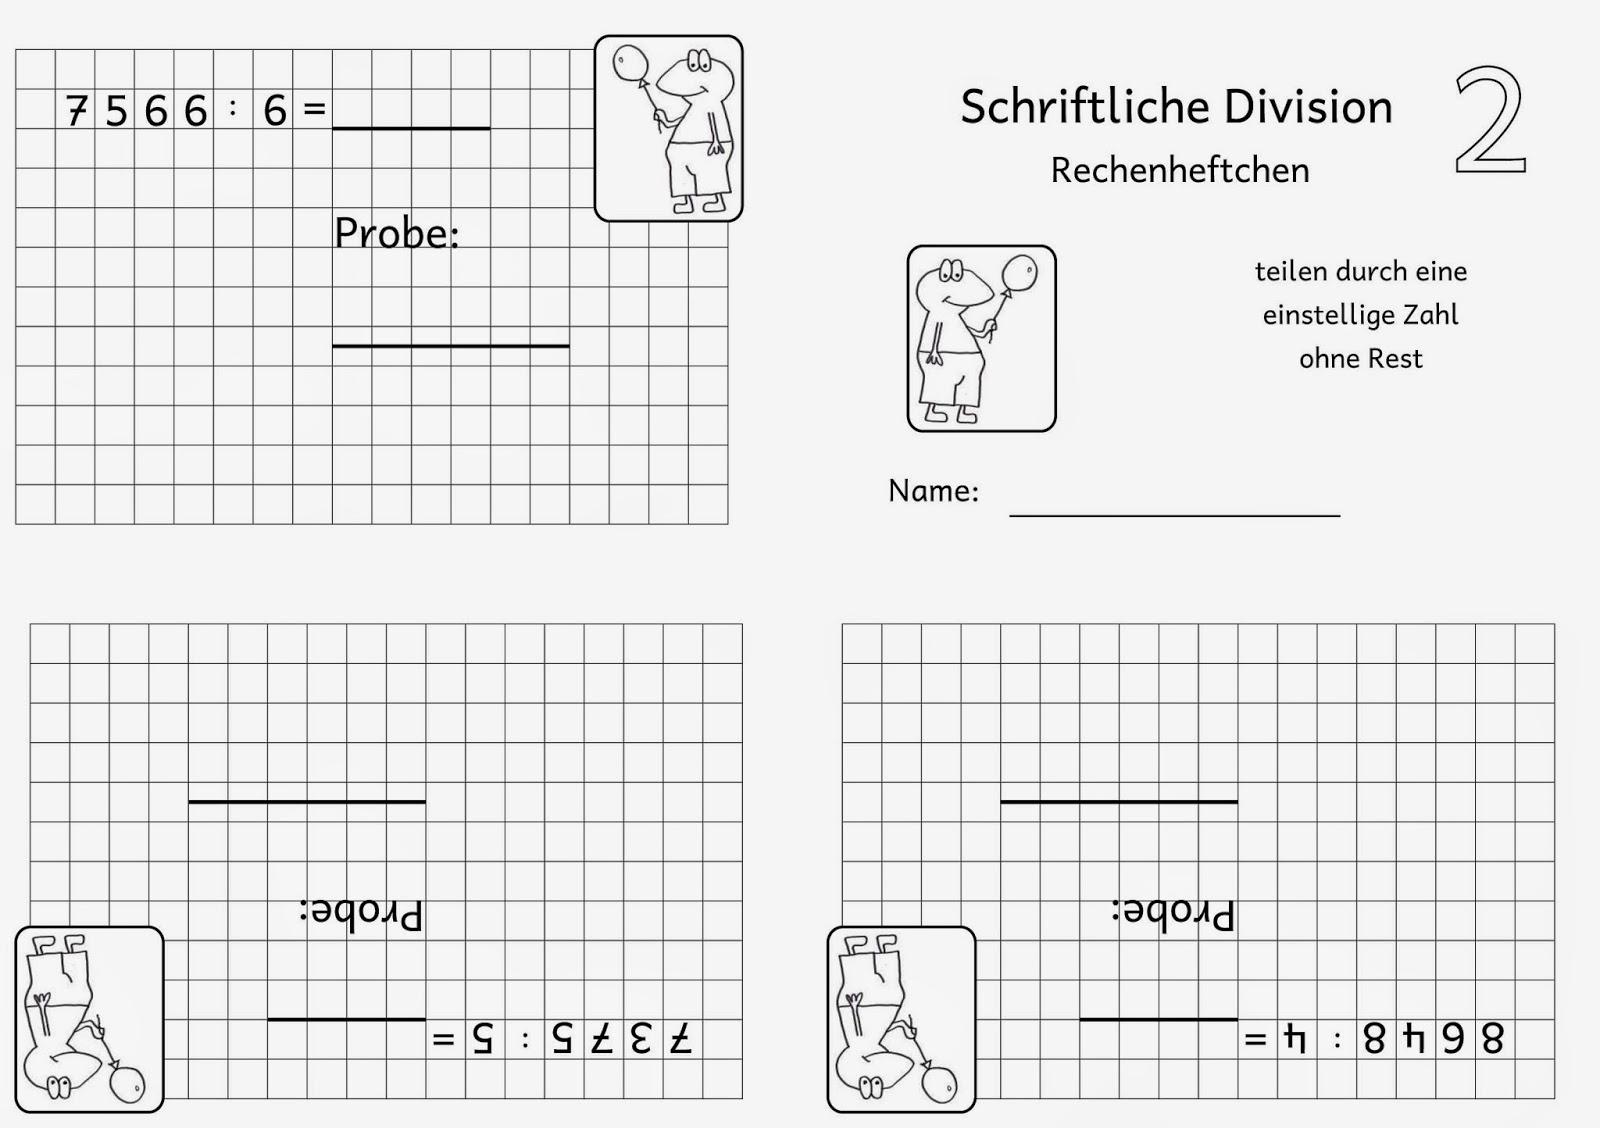 Lernstübchen: Rechenheftchen schriftliche Division (1)